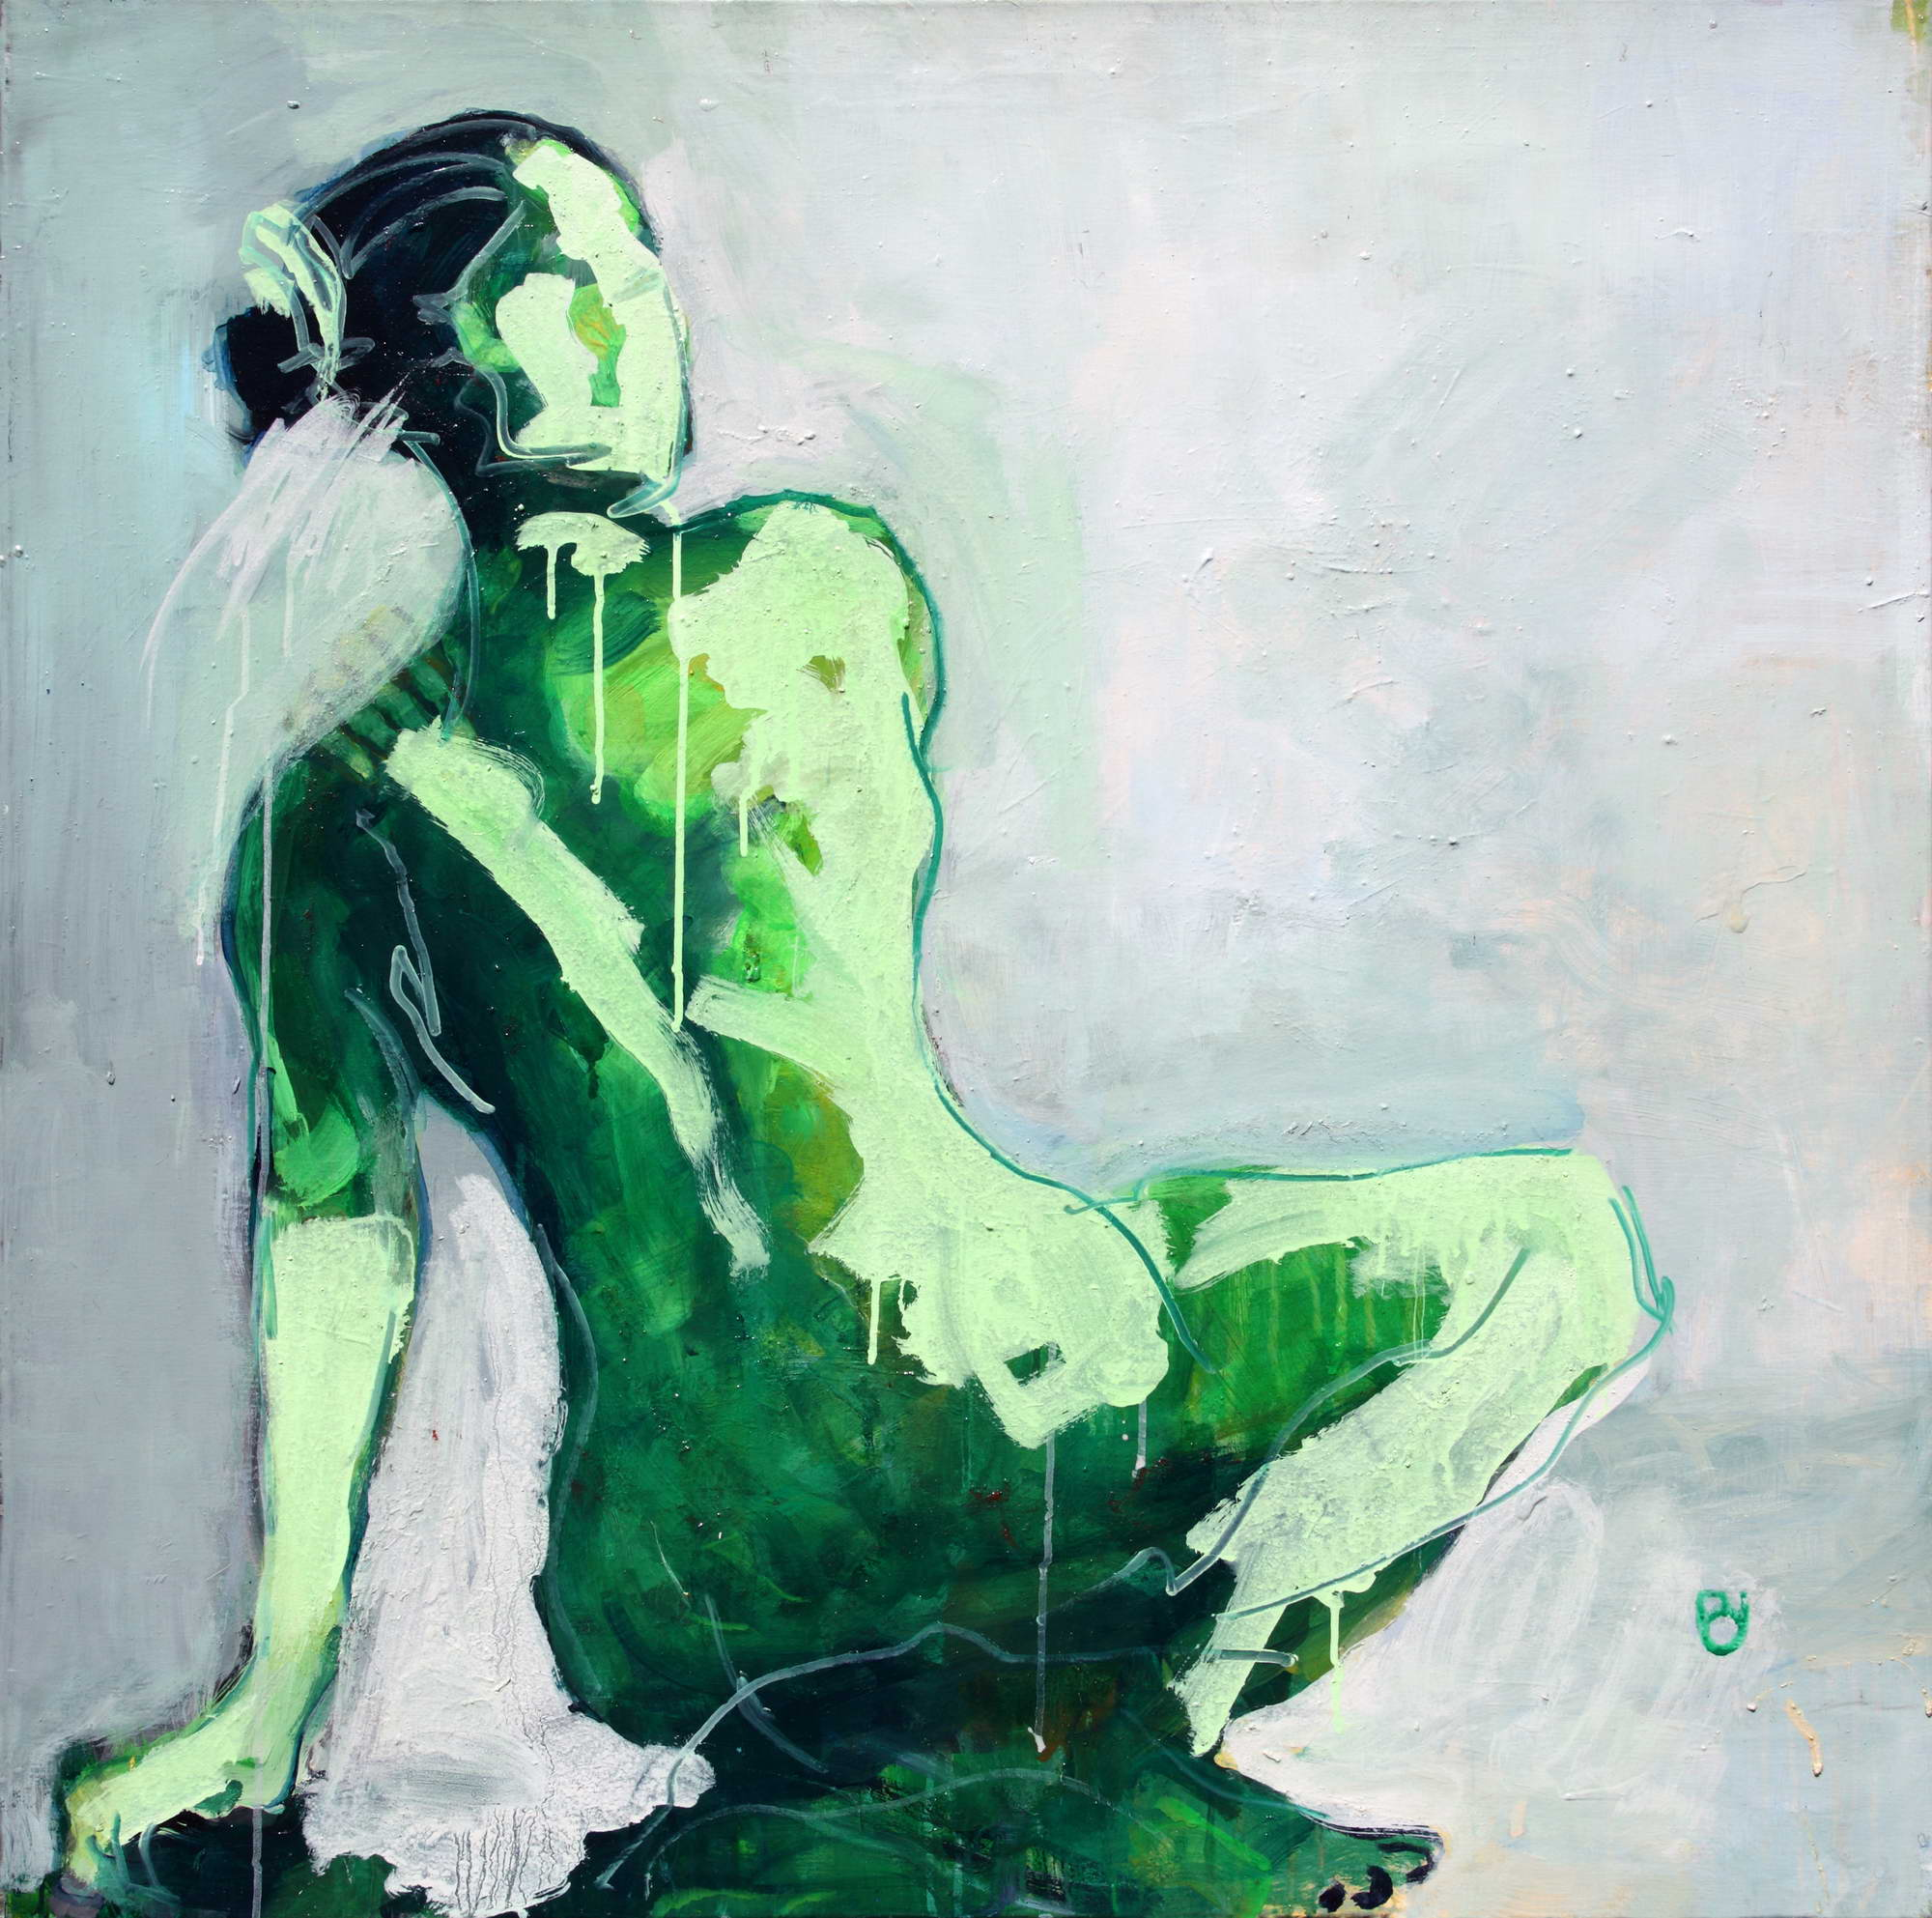 green scetch